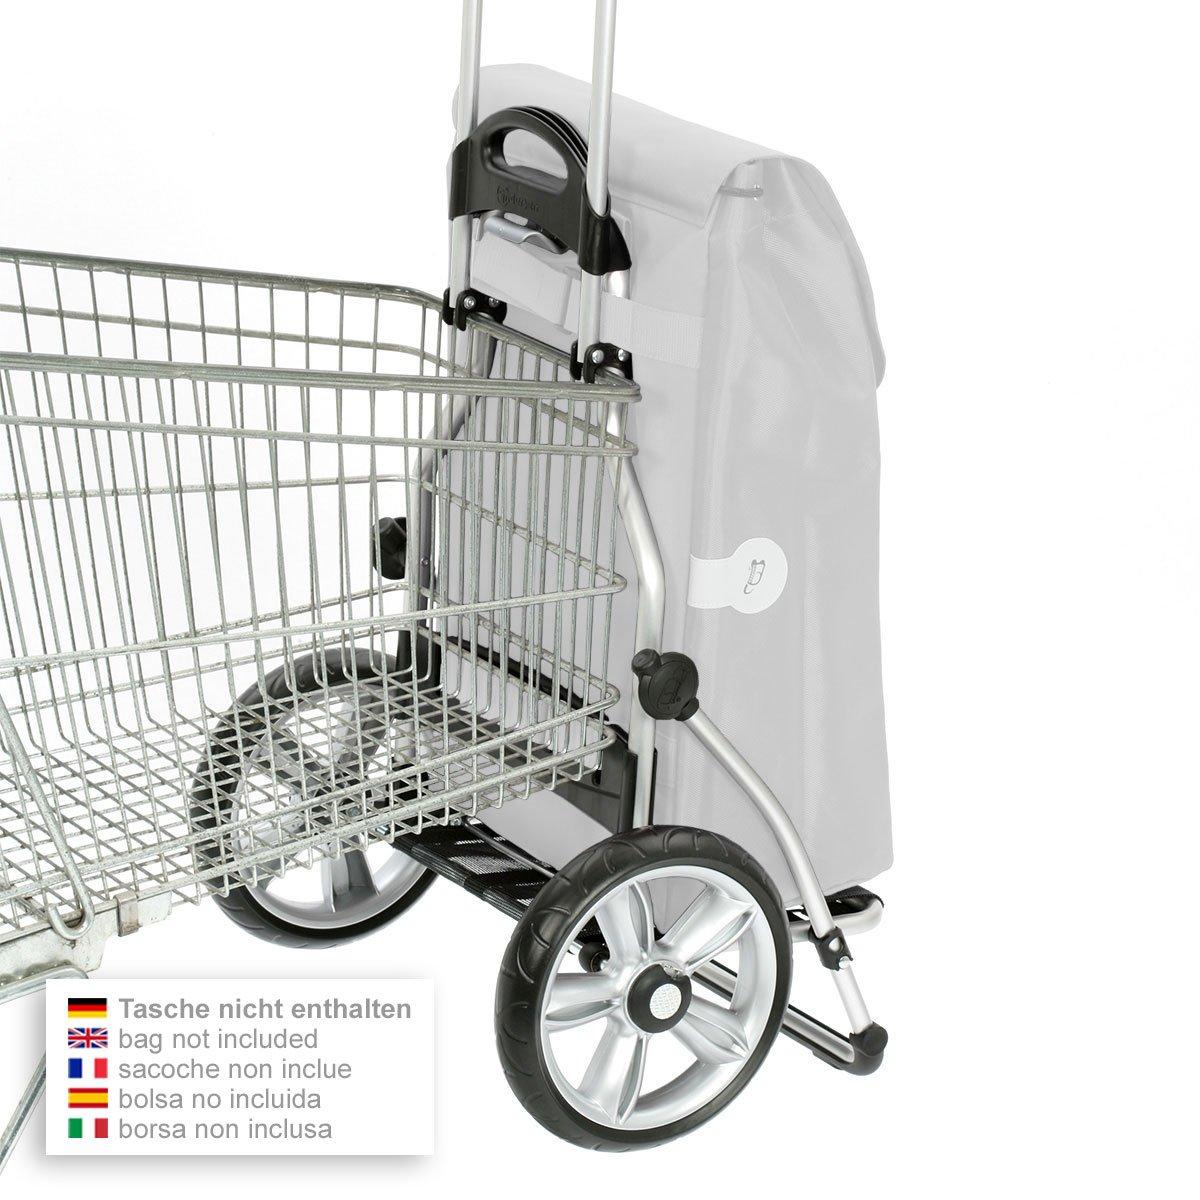 Andersen Shopper Royal mit kugelgelagertem Rad Rad Rad 25 cm und 41 Liter Tasche Kira blau mit Kühlfach B079TZK1QB Einkaufstrolleys e412ea